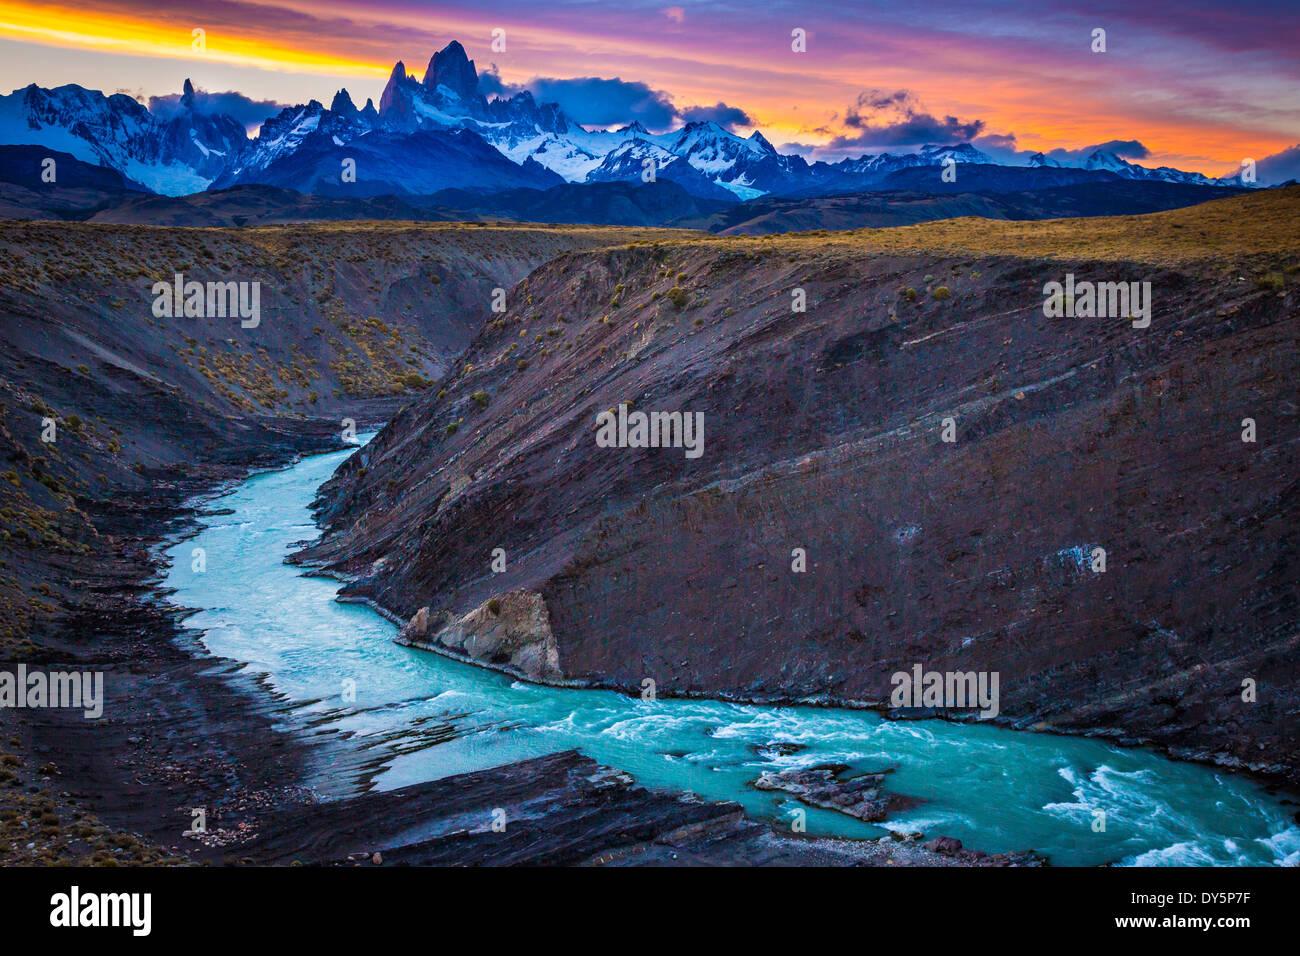 Le mont Fitz Roy est une montagne située près de El Chaltén village, Patagonie, Argentine Photo Stock